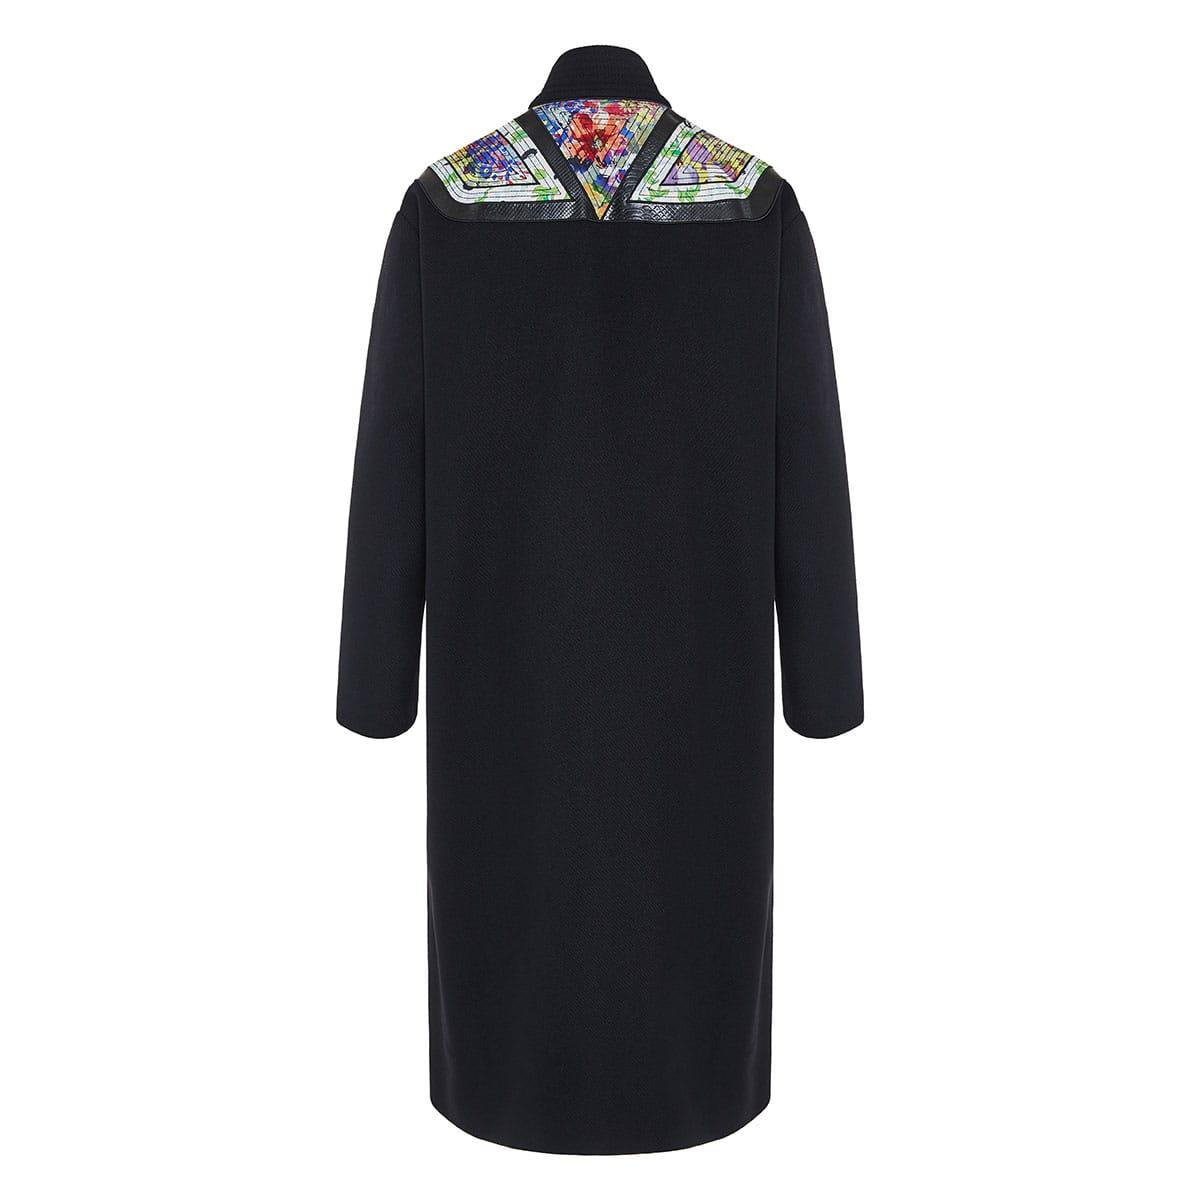 Kimono coat with patchwork panel